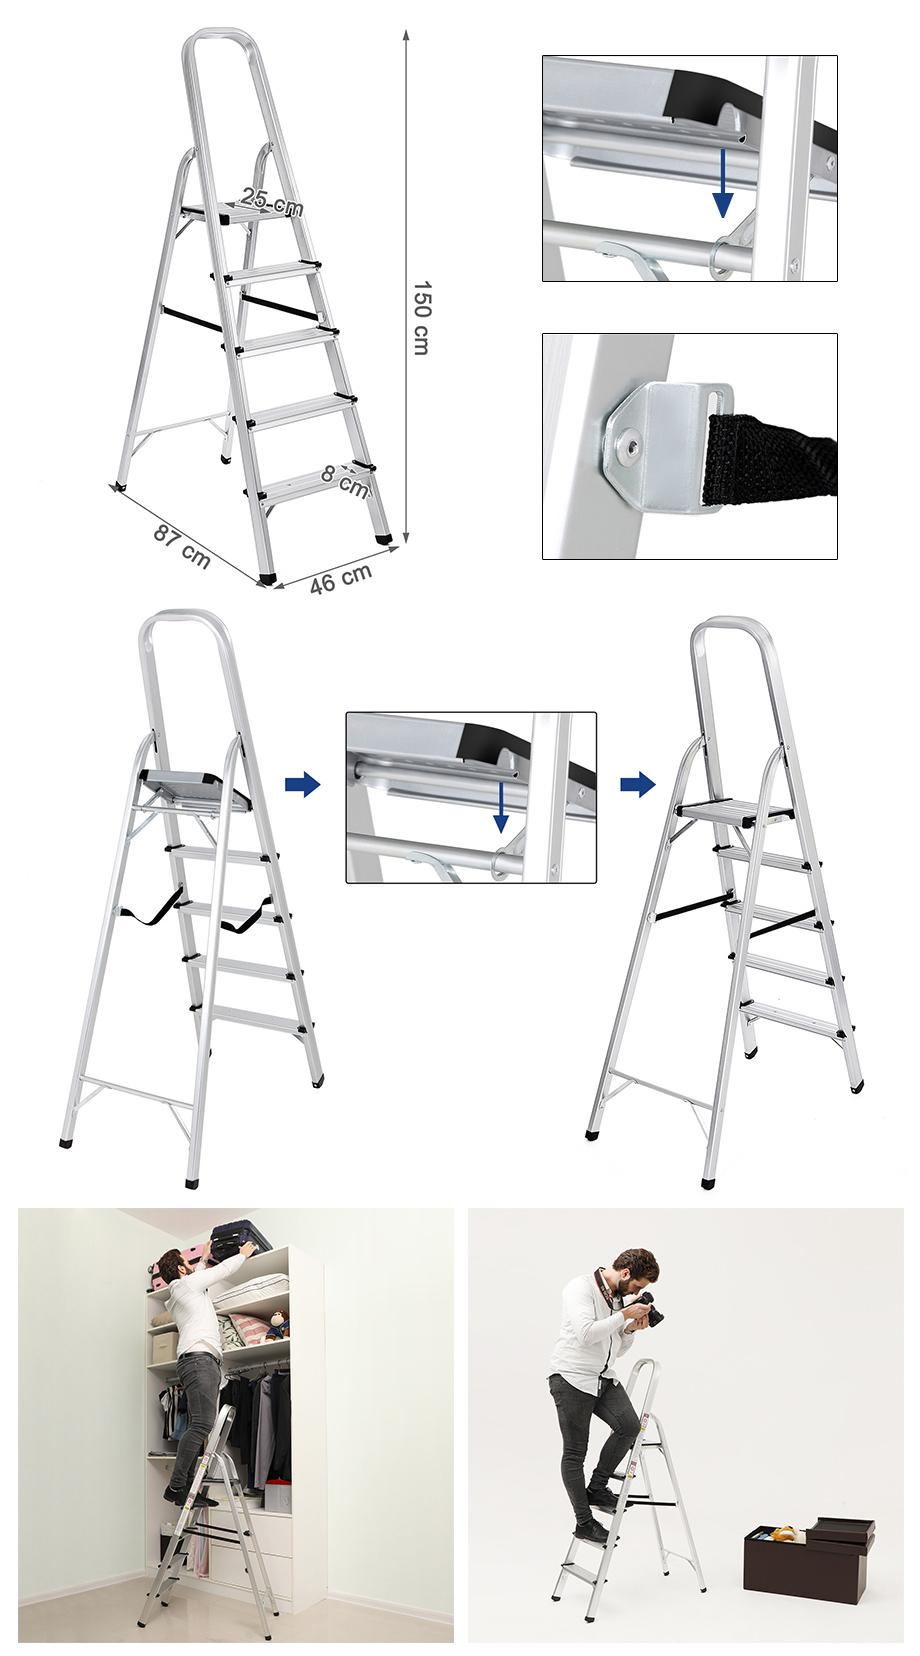 songmics leiter 5 stufen traglast arbeitsh he 2 7m sicherheits schale glt159 ebay. Black Bedroom Furniture Sets. Home Design Ideas